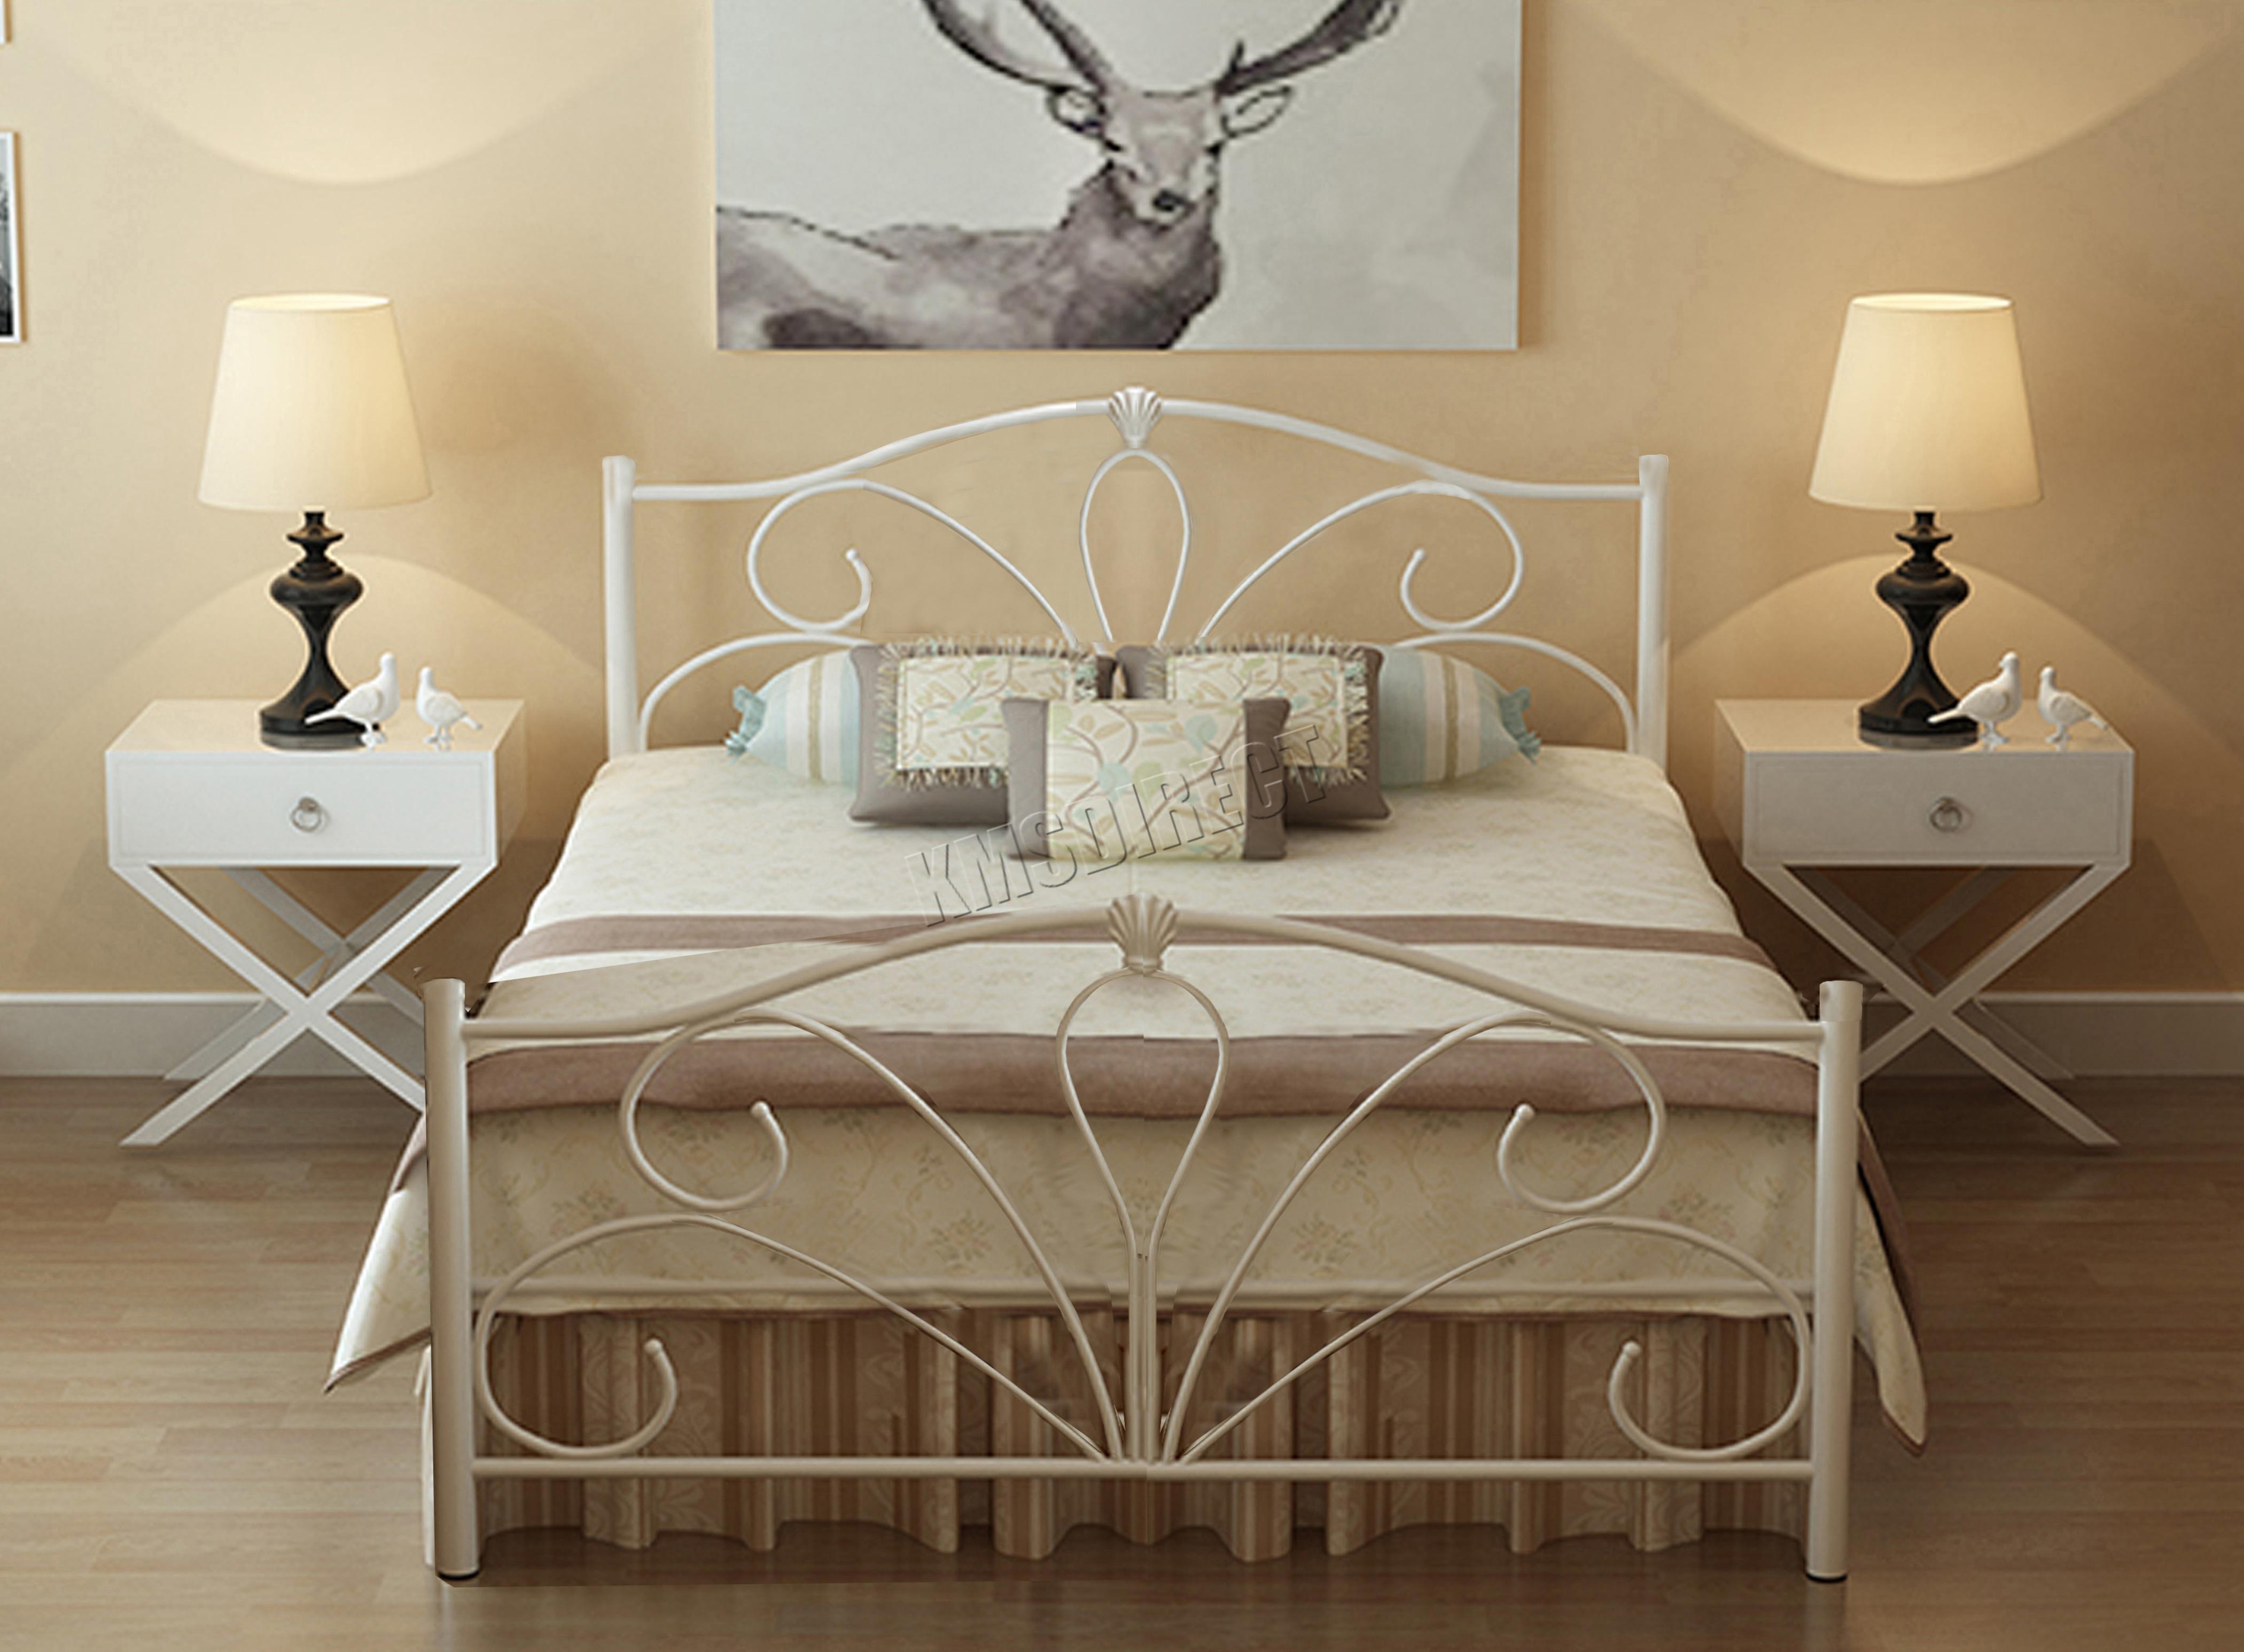 metal bed frame no mattress 4ft6 bedroom furniture white mb02 ebay